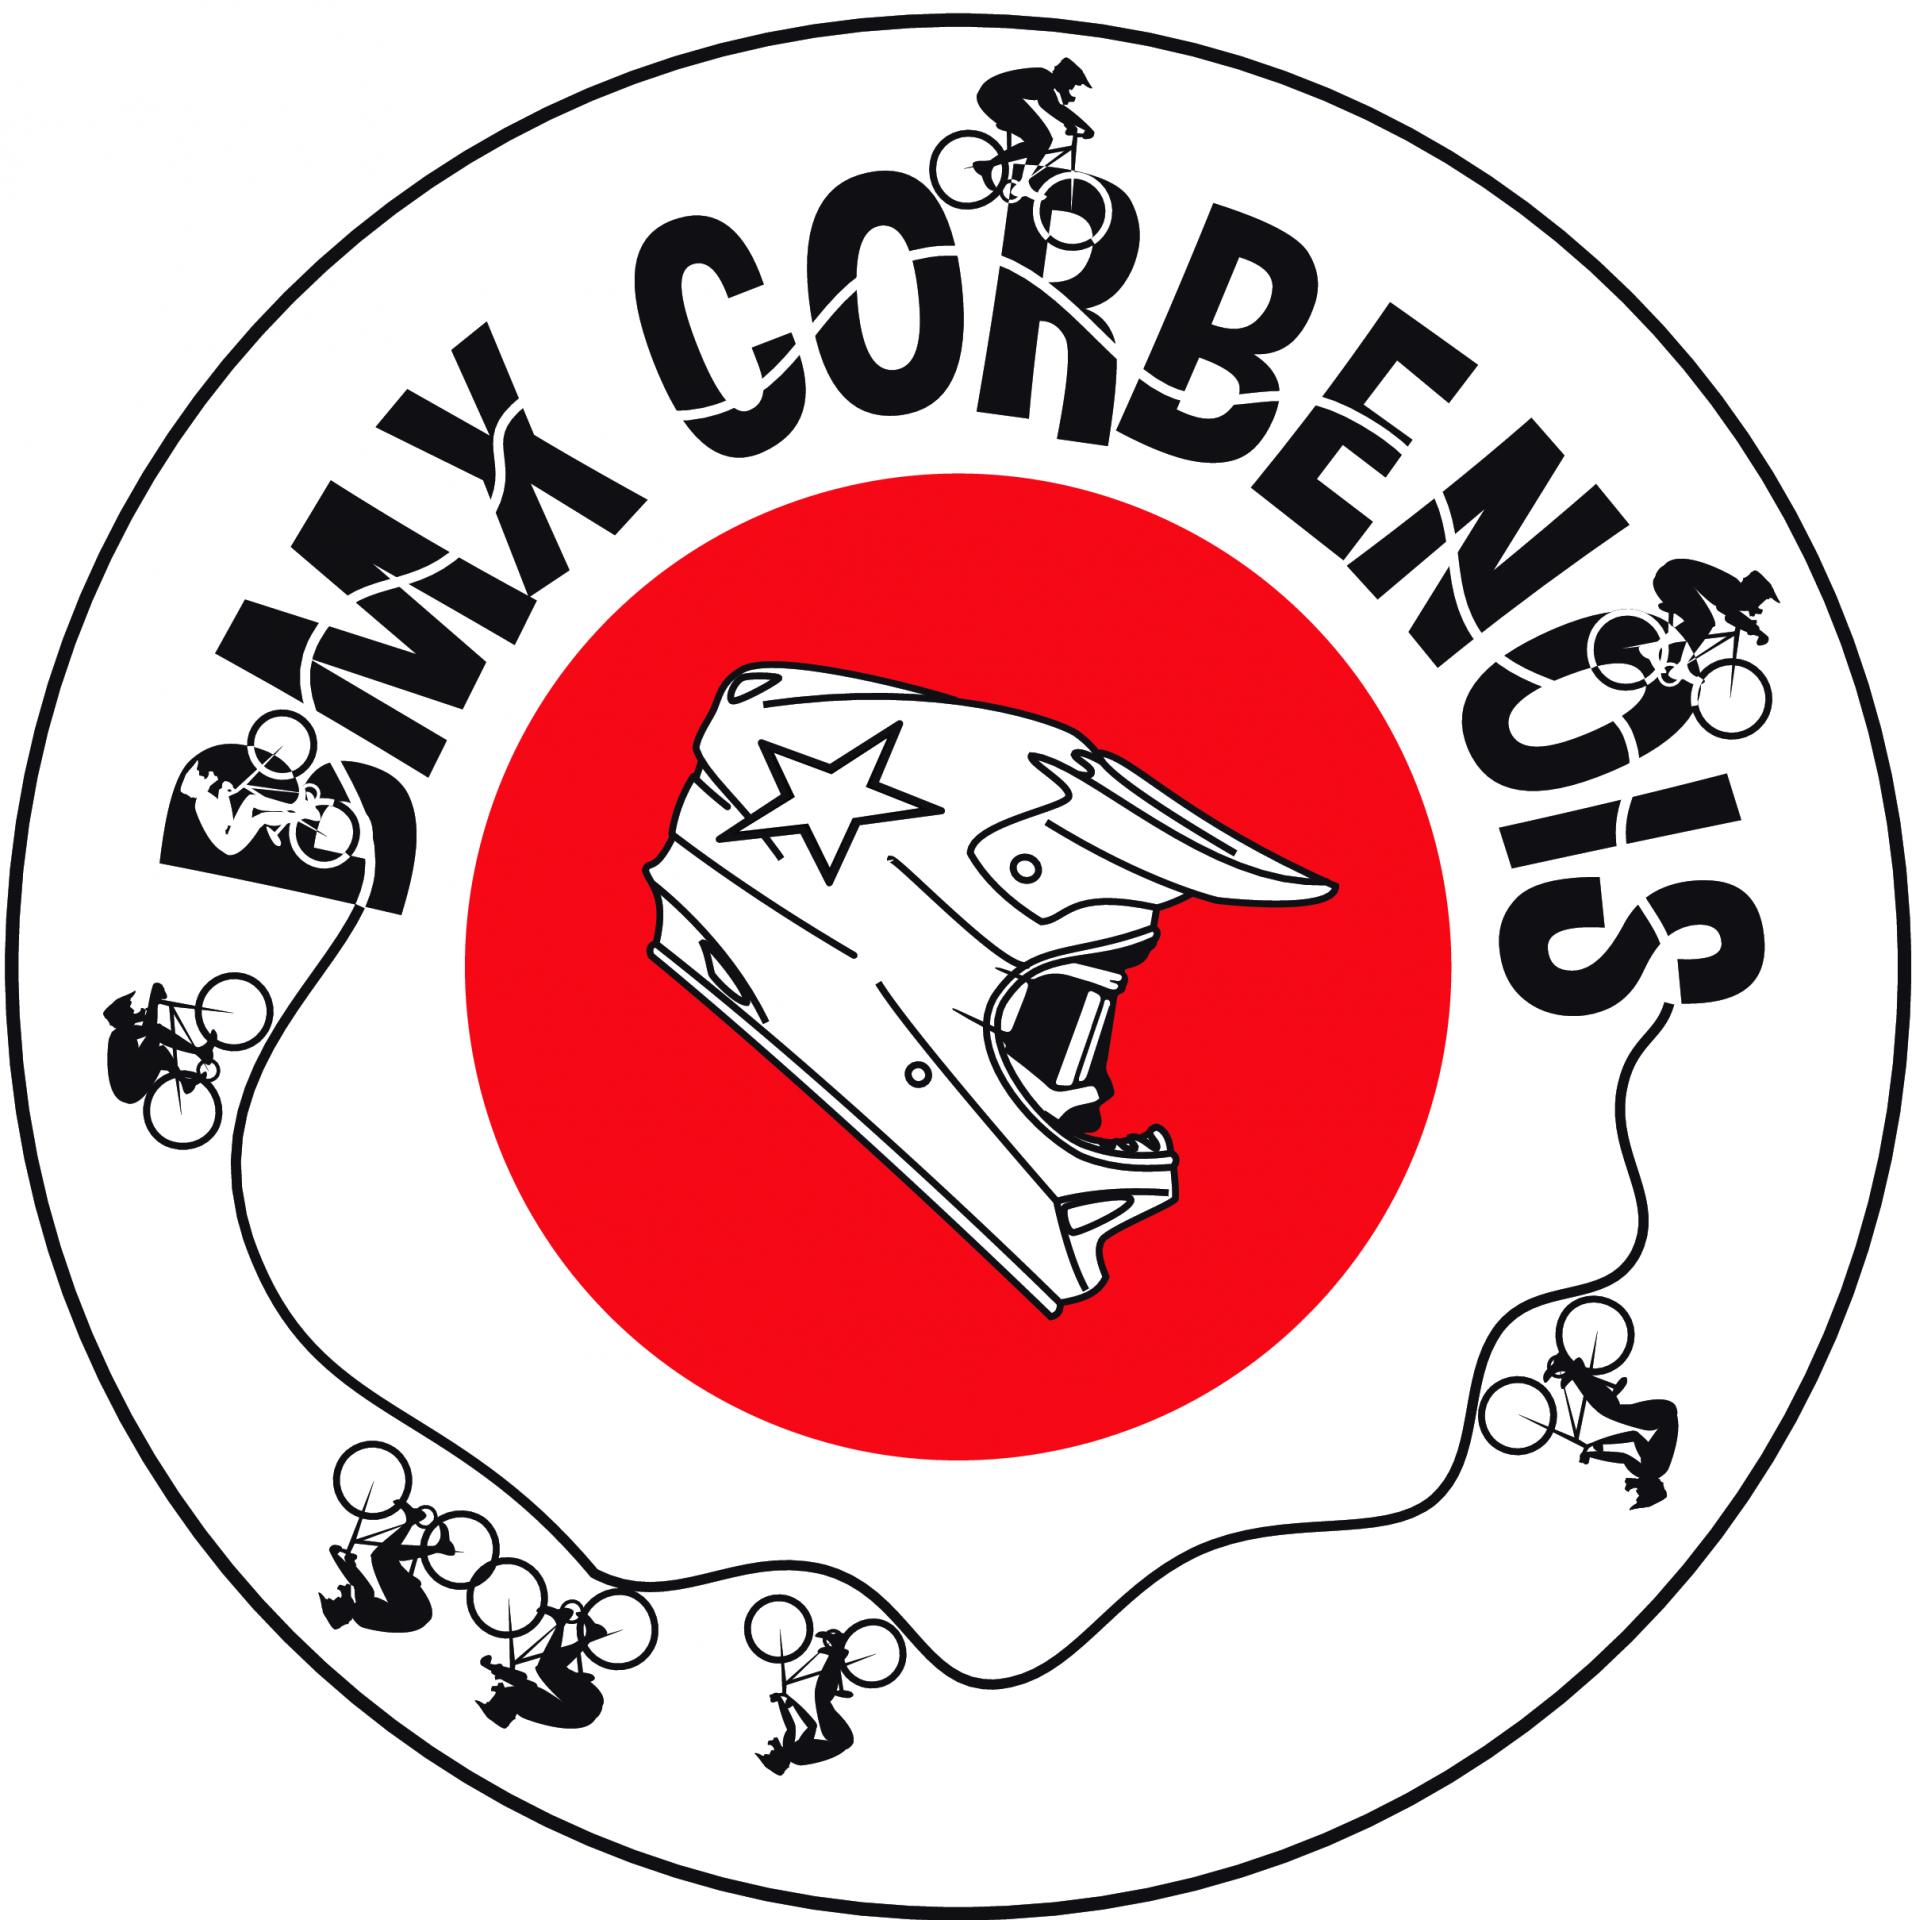 BMX Corbenois Pays d'Alençon